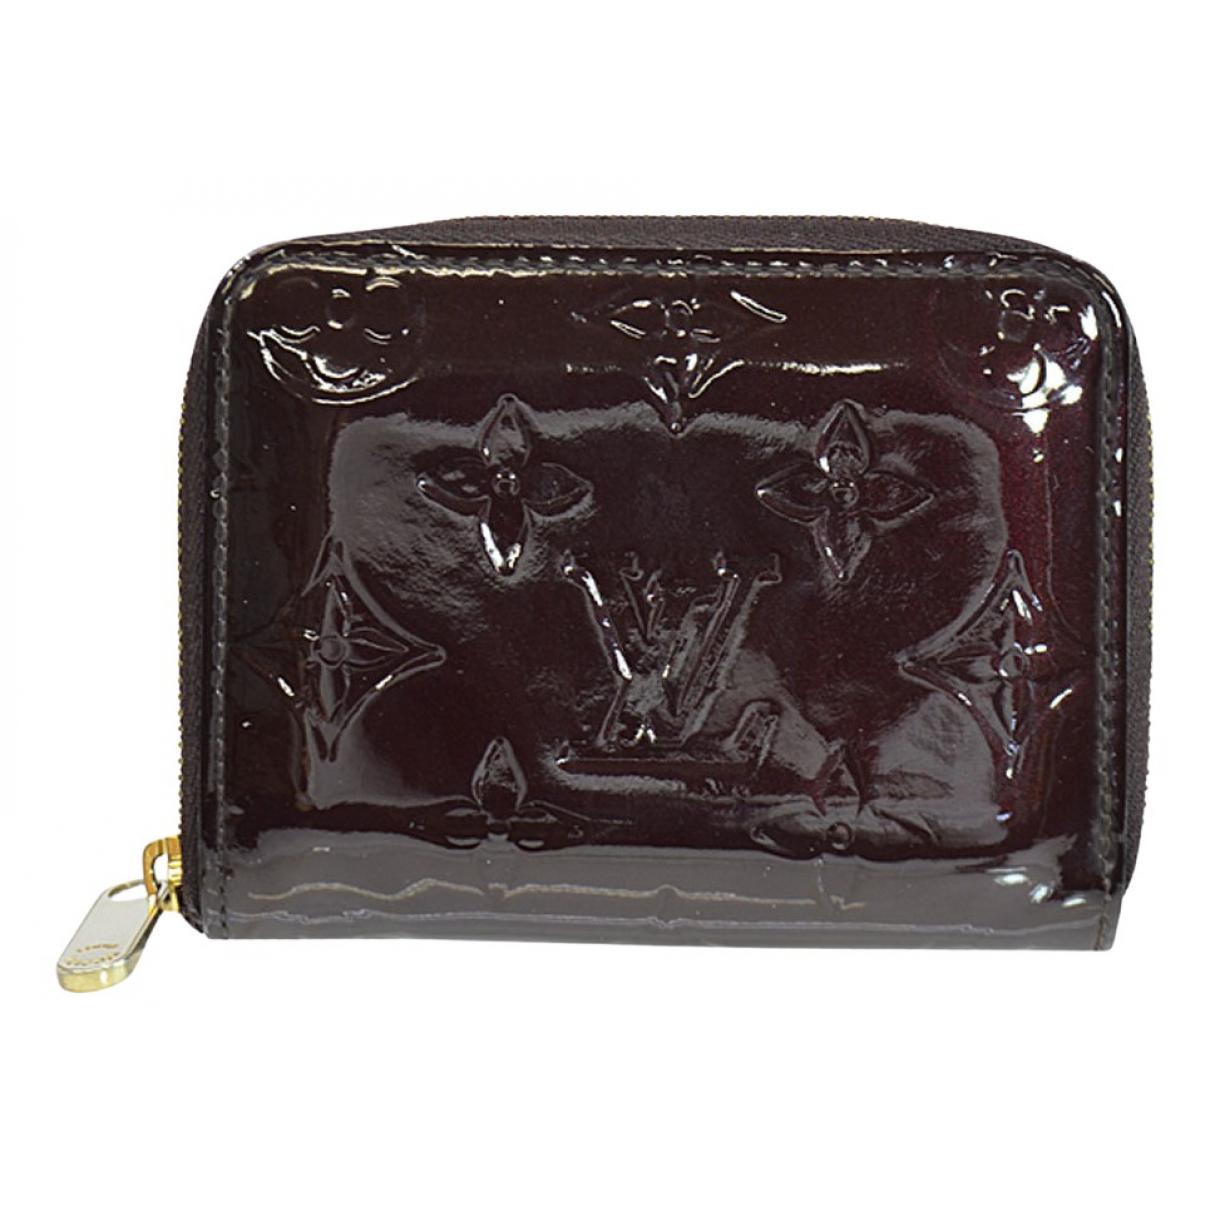 Louis Vuitton - Petite maroquinerie Zippy pour femme en cuir verni - bordeaux